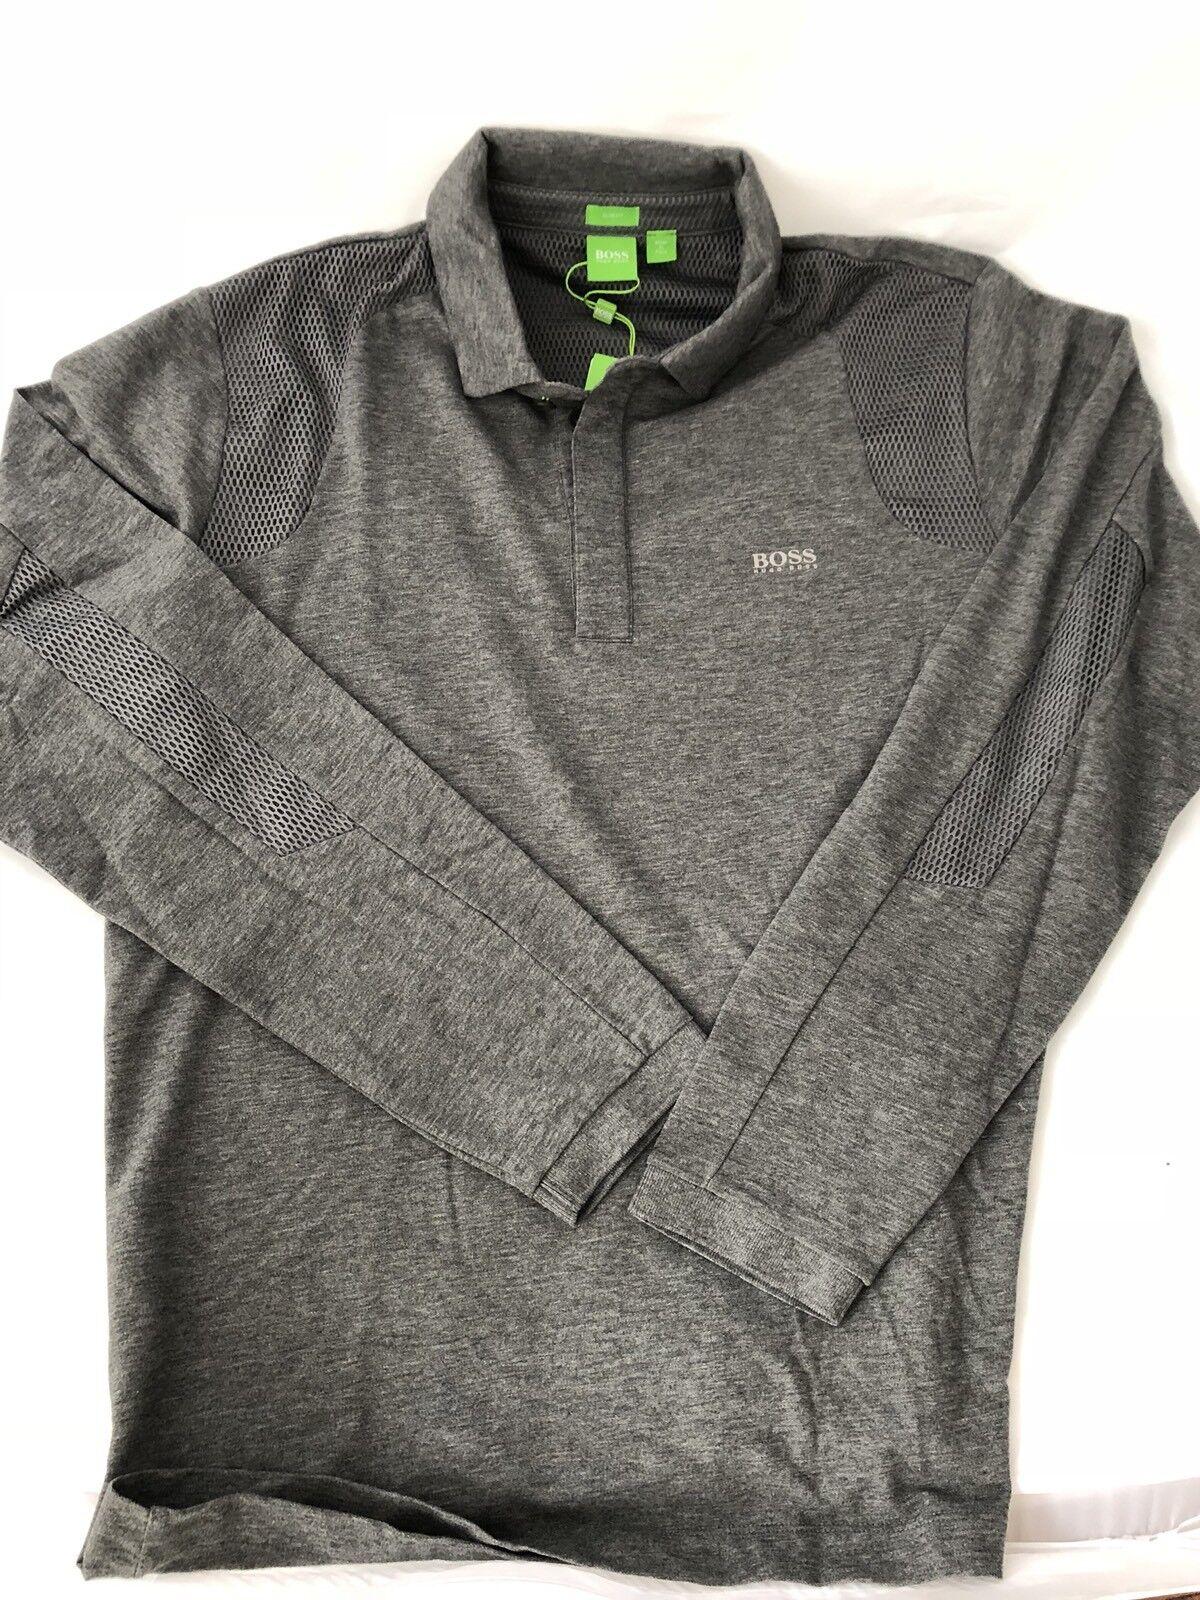 NWT BOSS Hugo Boss Grün 'Pleesy 2' Long Sleeve Polo Slim Fit Shirt grau S